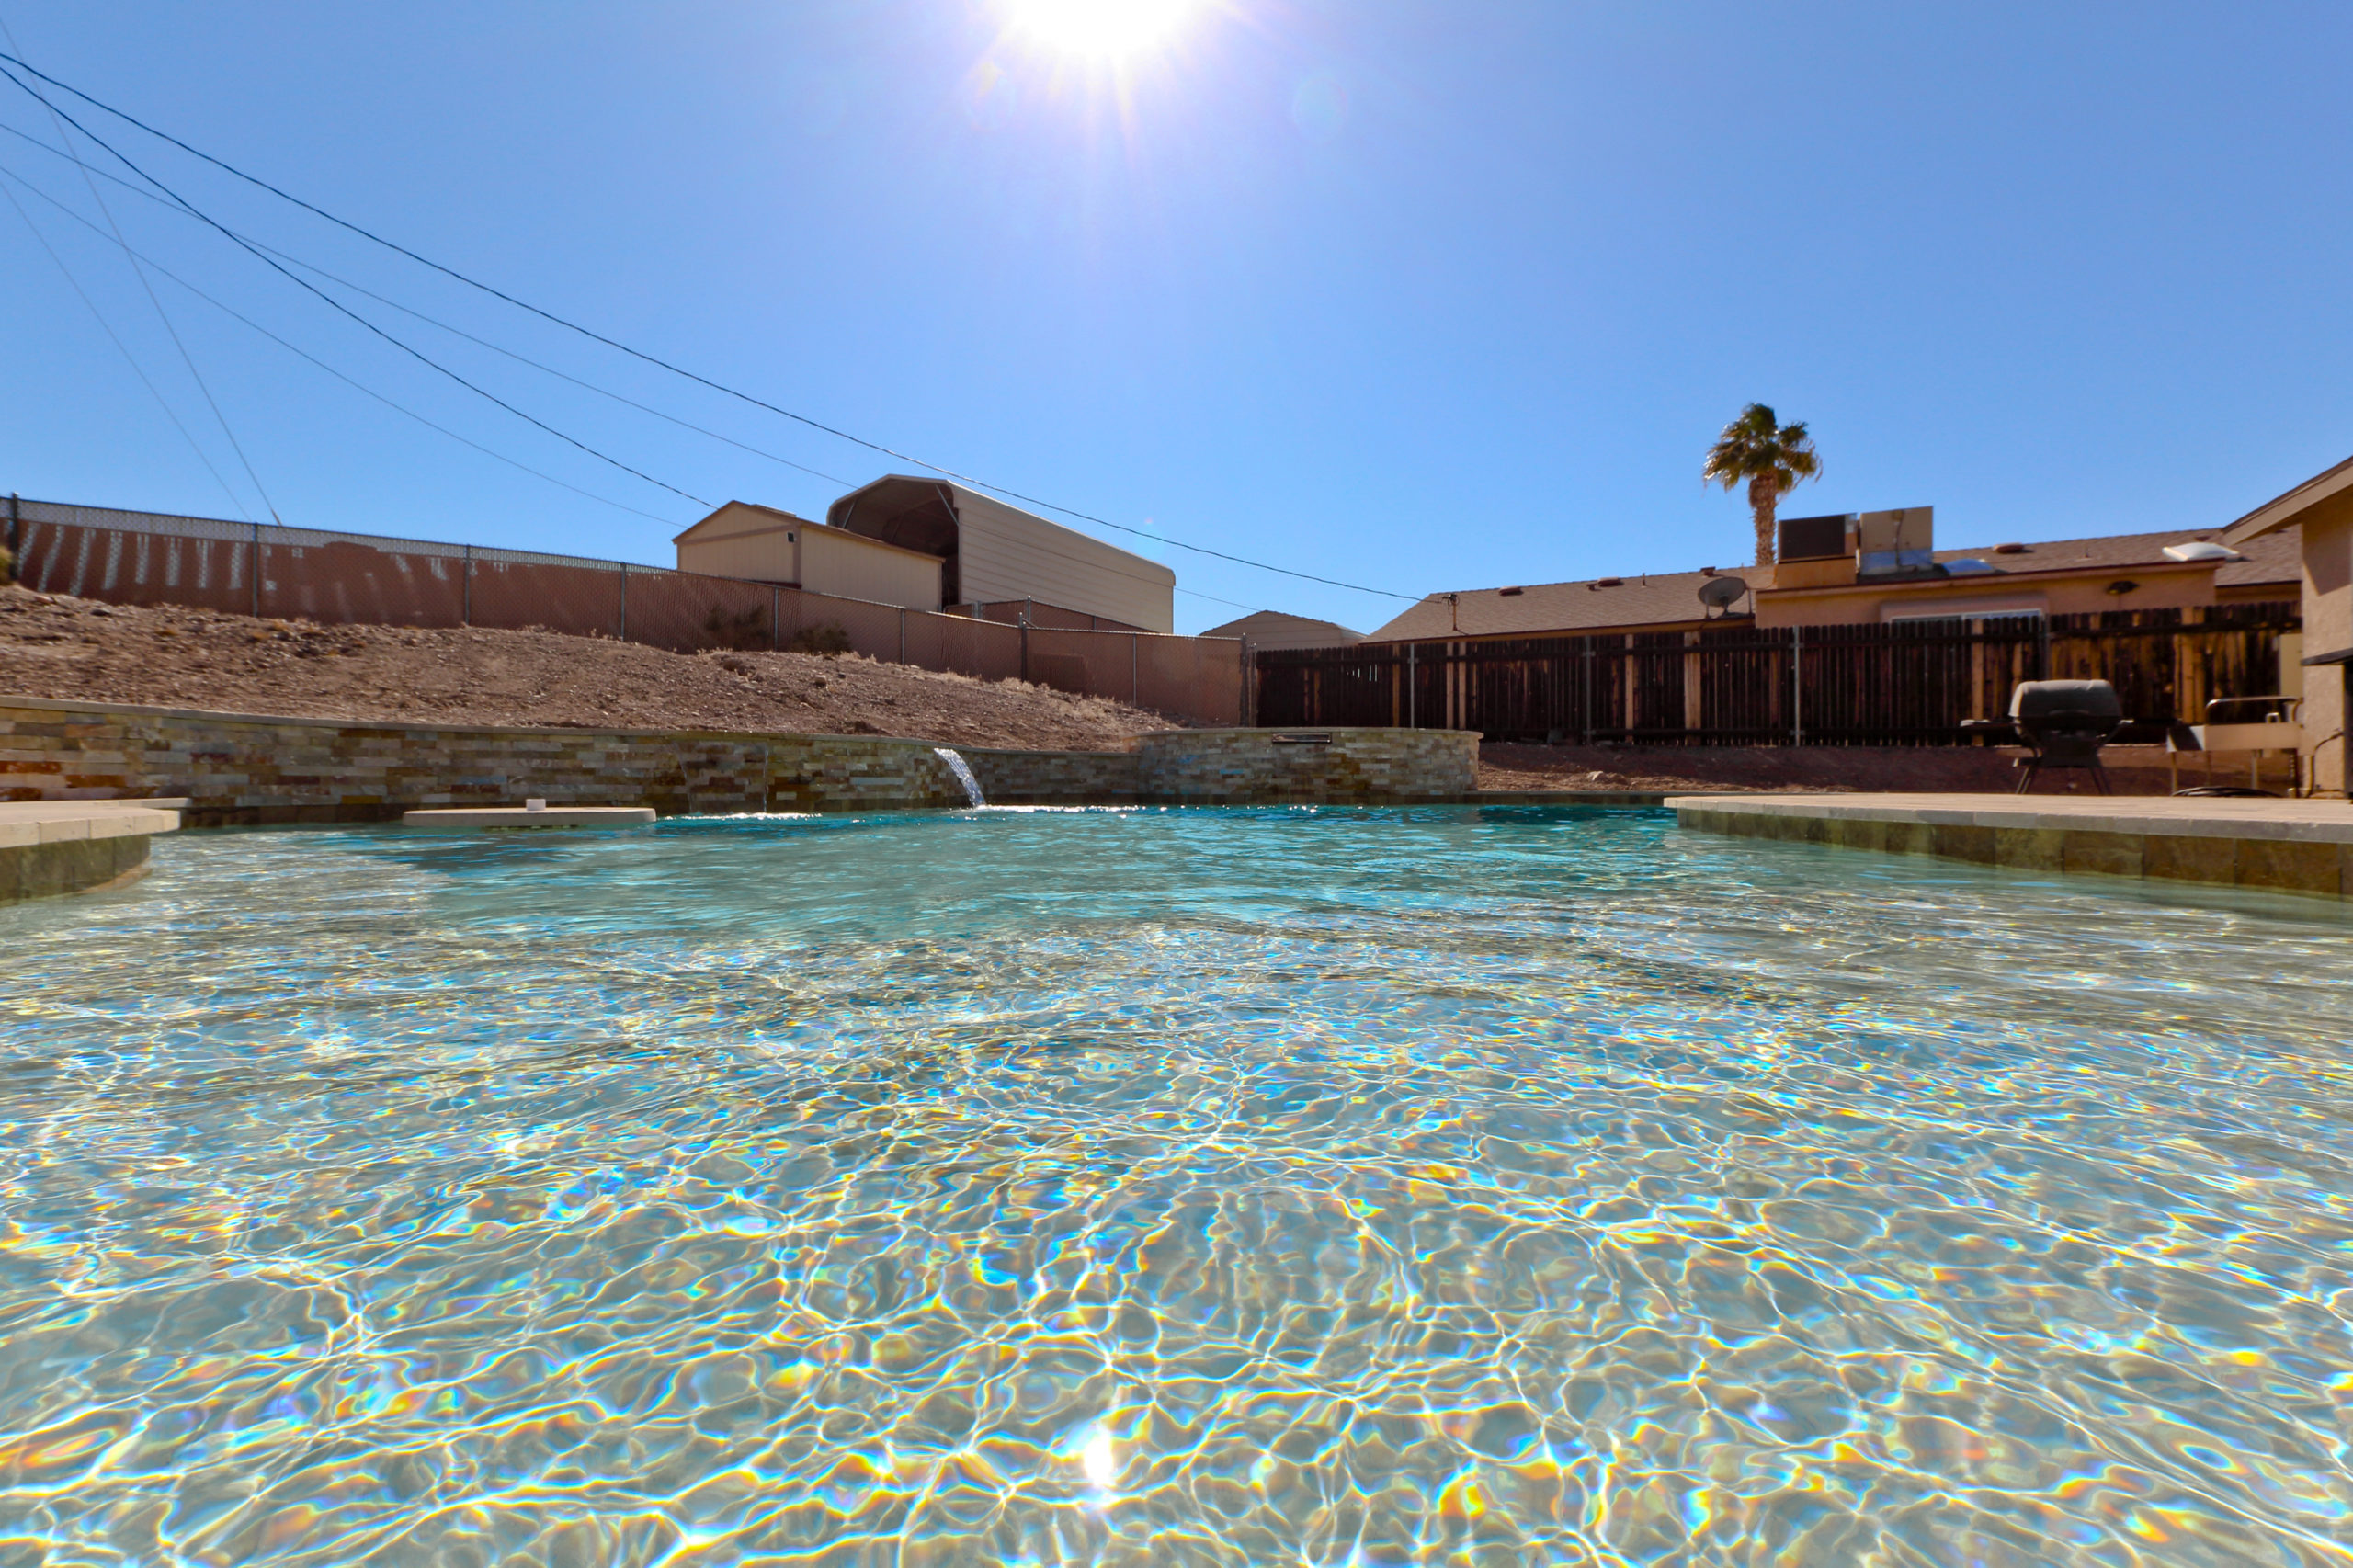 DESERT STORM CUSTOM POOLS OF LAKE HAVASU